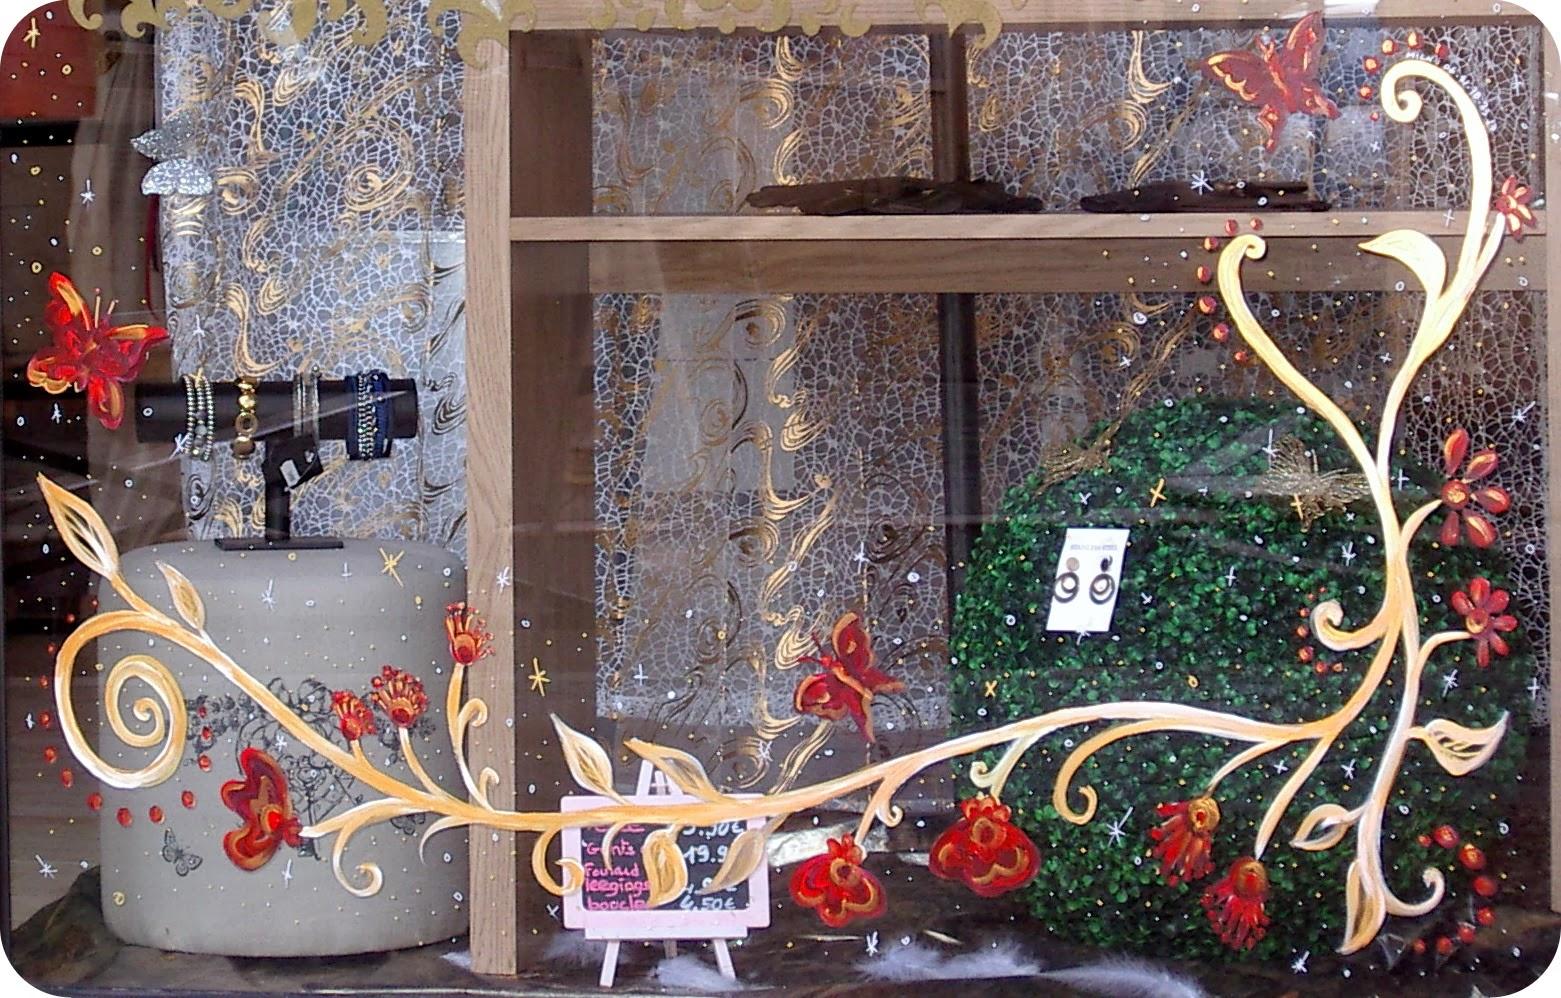 micka lle delam d cors peints sur vitrines pour no l. Black Bedroom Furniture Sets. Home Design Ideas